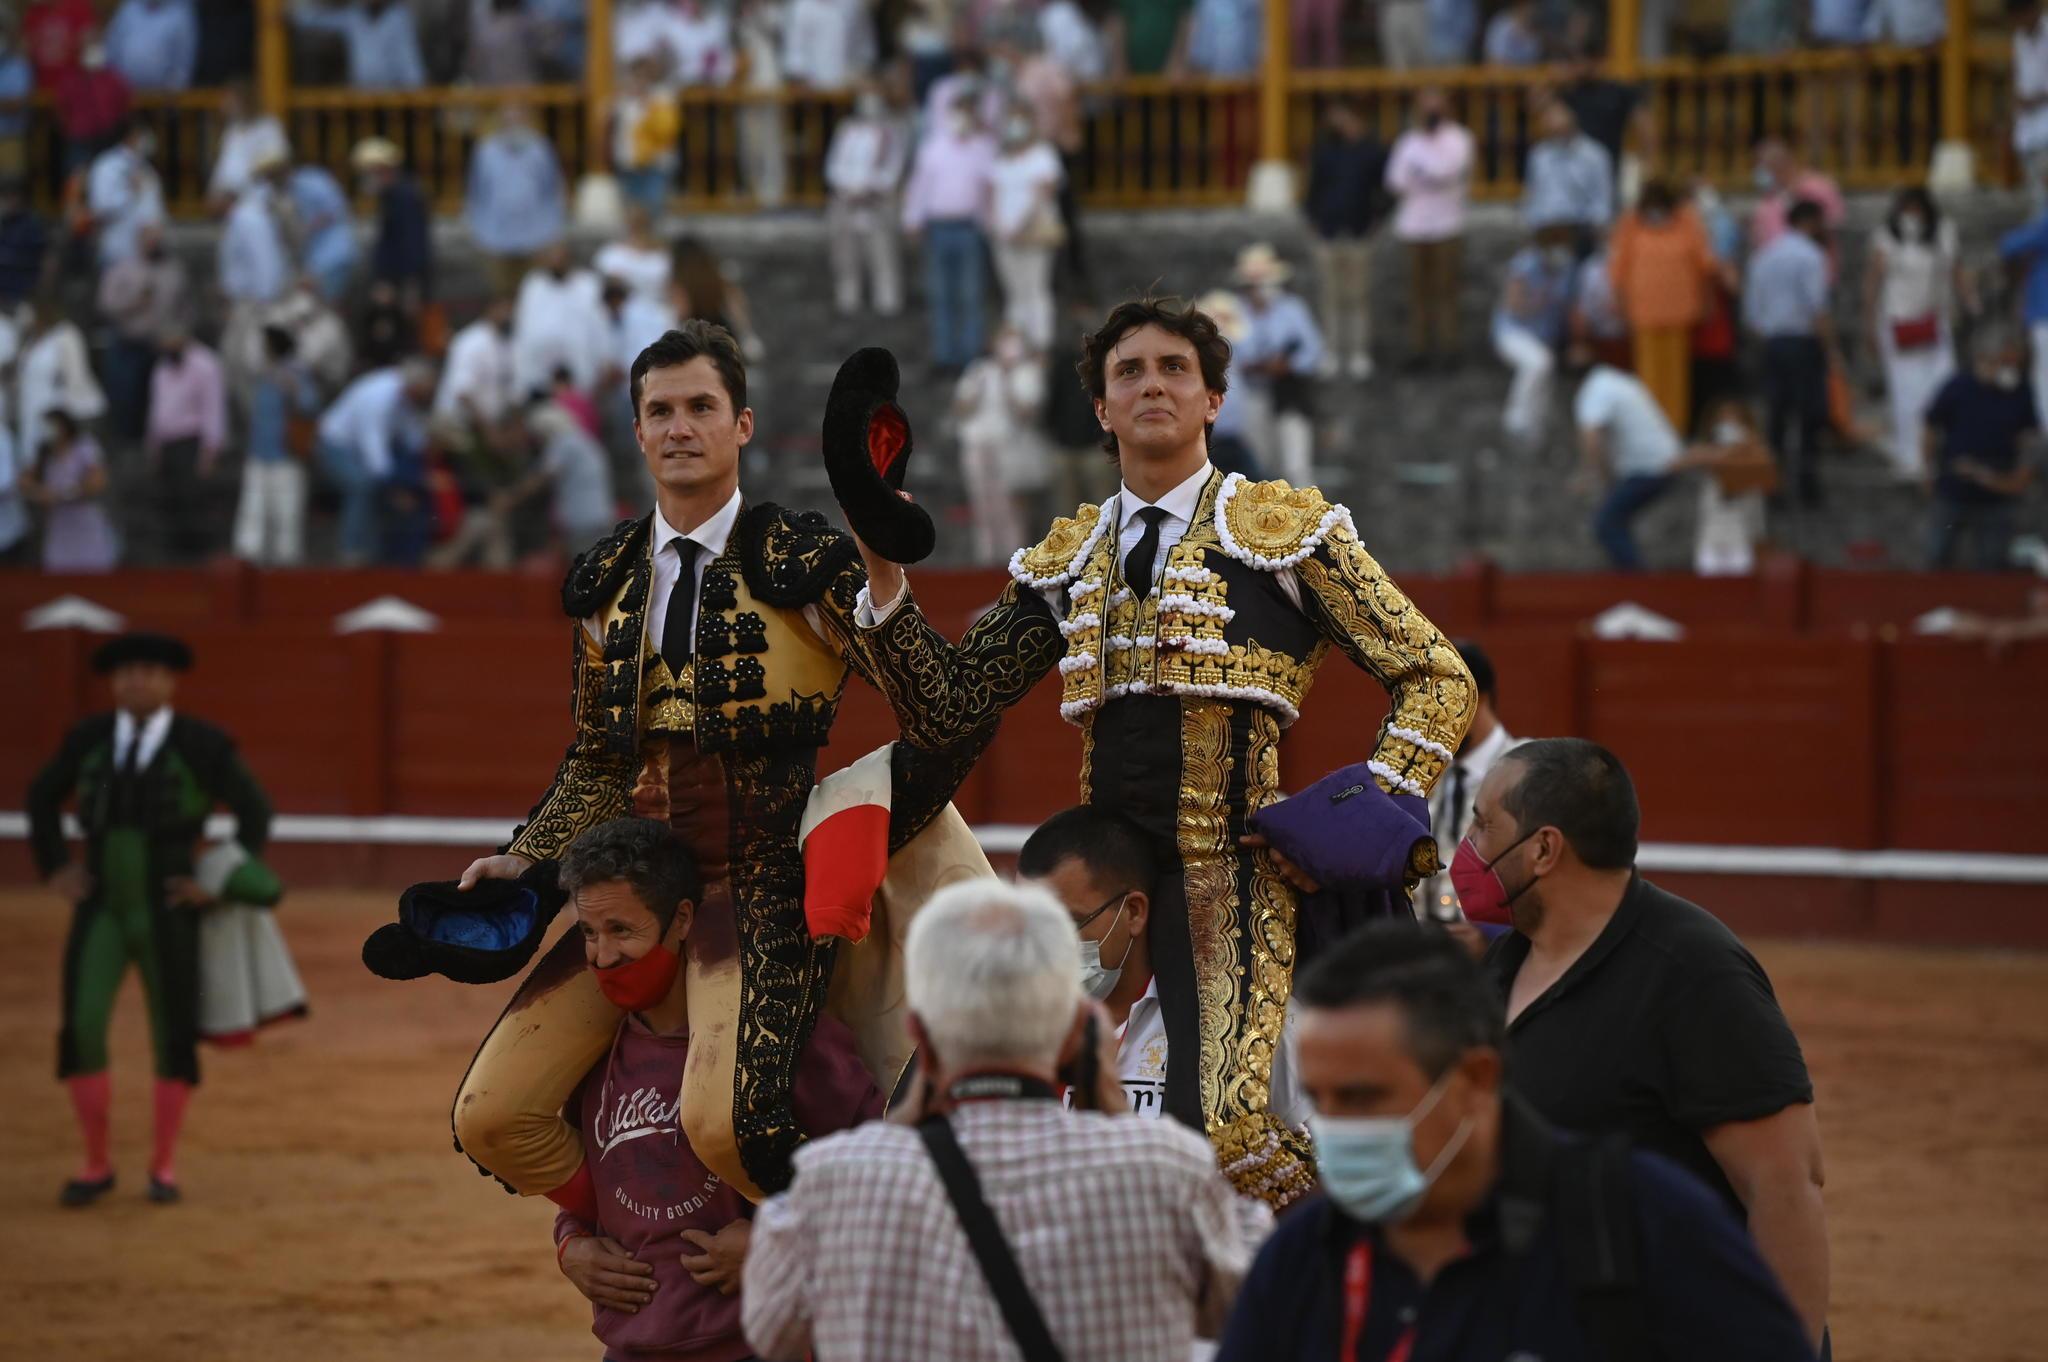 La torería de Morante en una pelea de gallos: Luque y Roca Rey libran un duelo triunfal